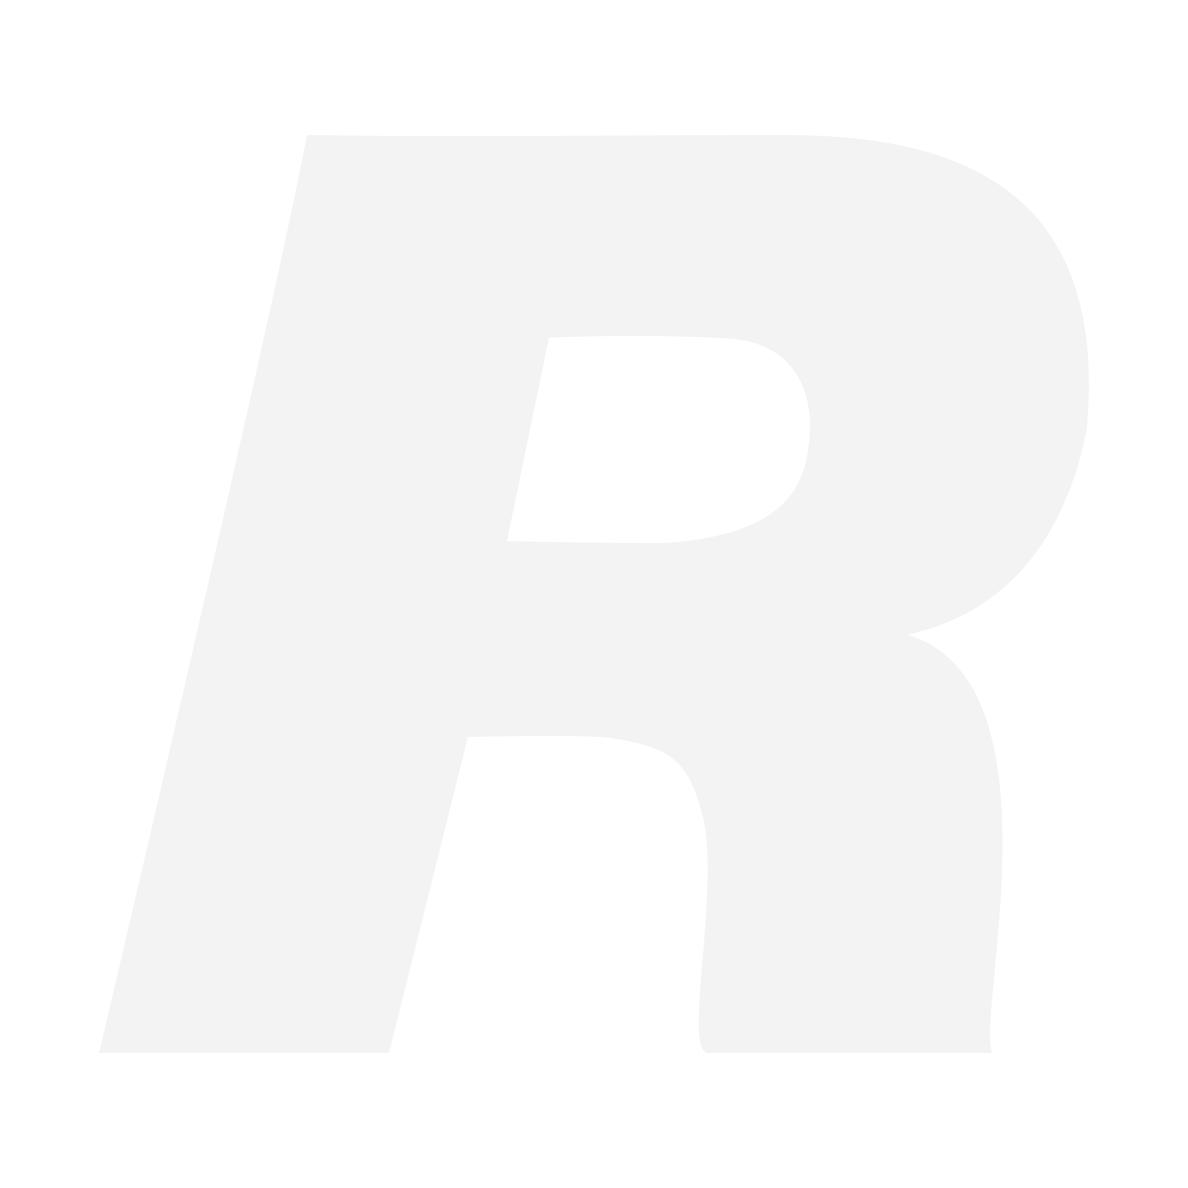 Leica Rangemaster 1600 CRF-B (Leica 40 534)